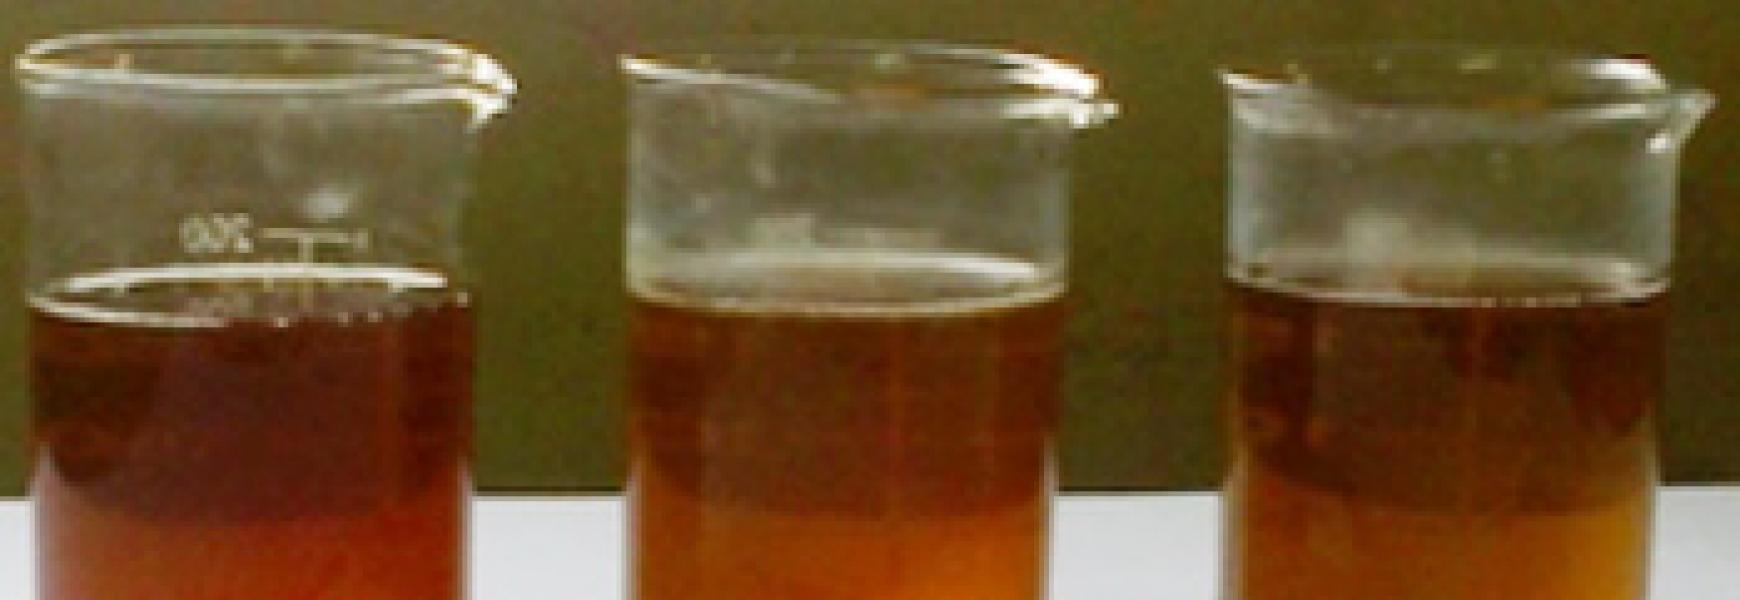 Rxsol Acid Slurry